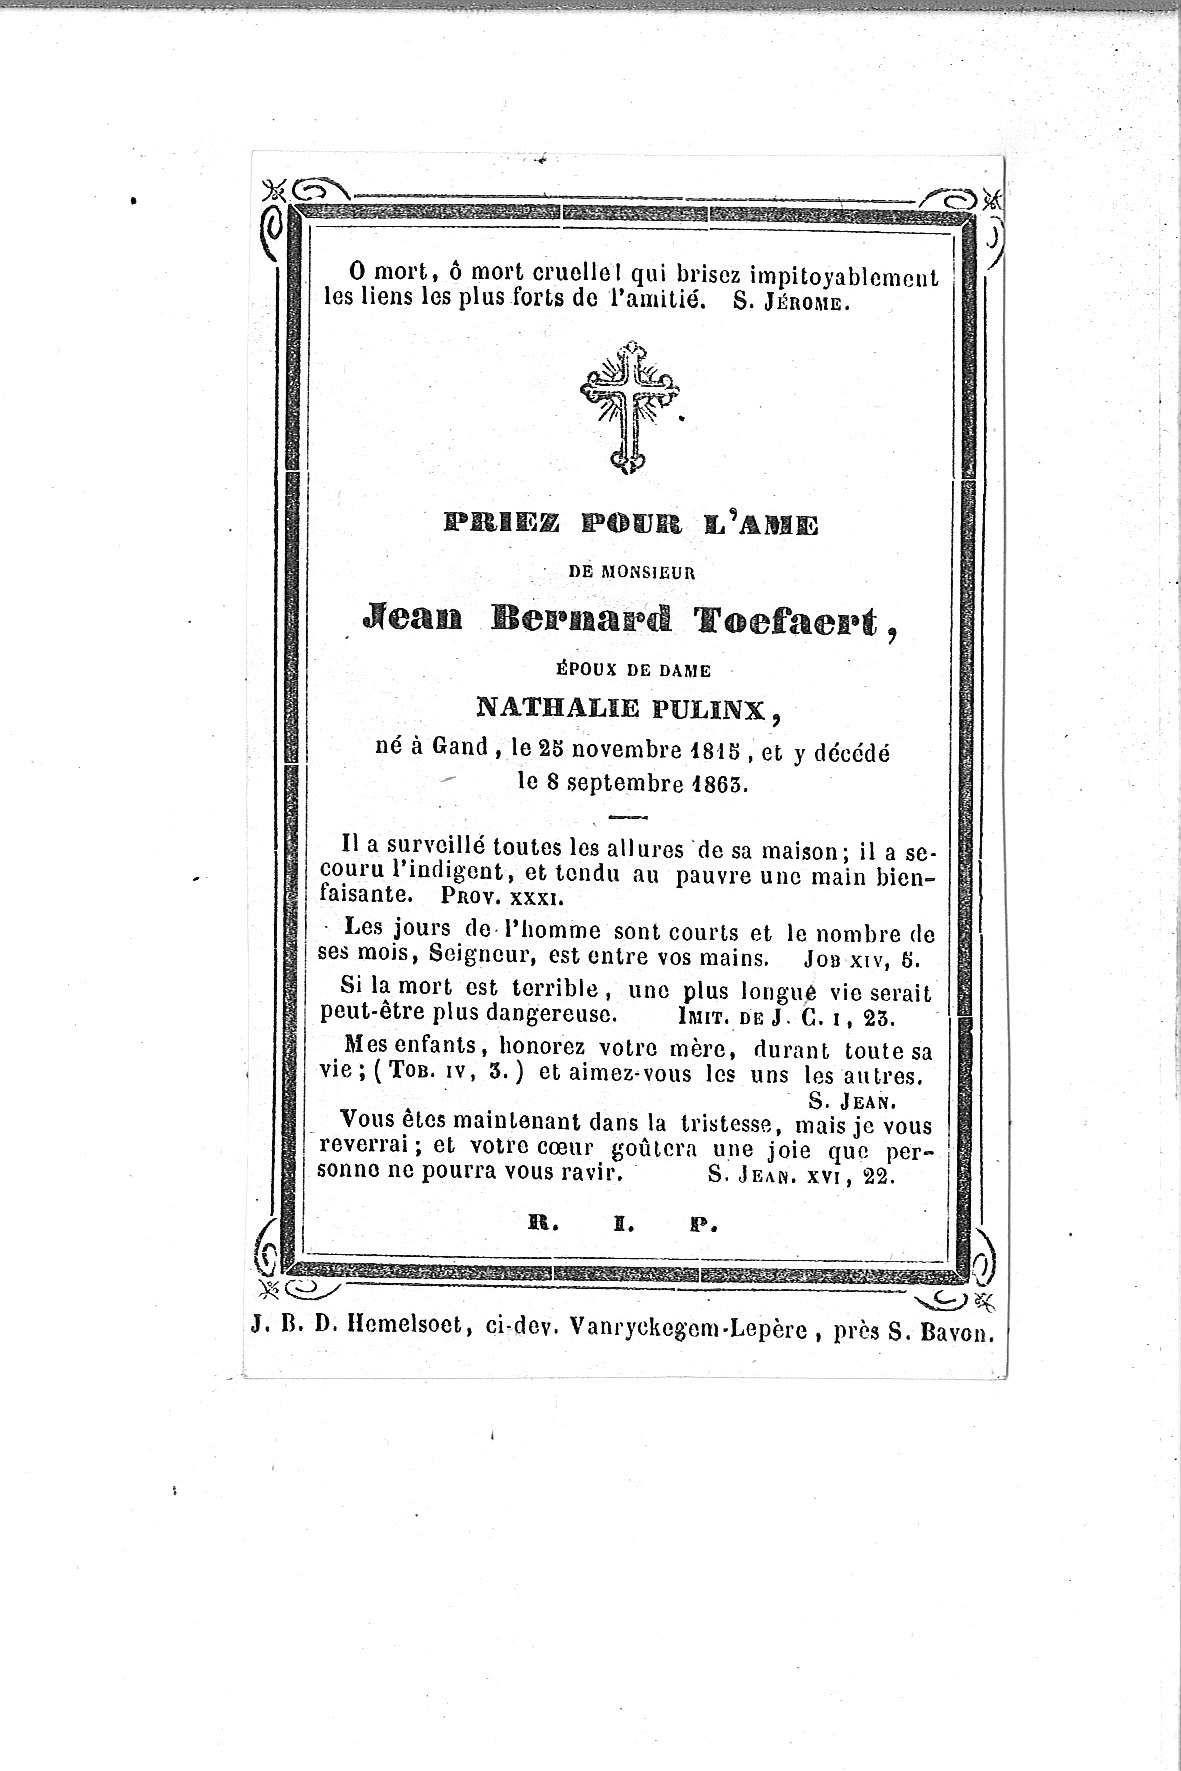 Jean-Bernard(1863)20120621134457_00099.jpg